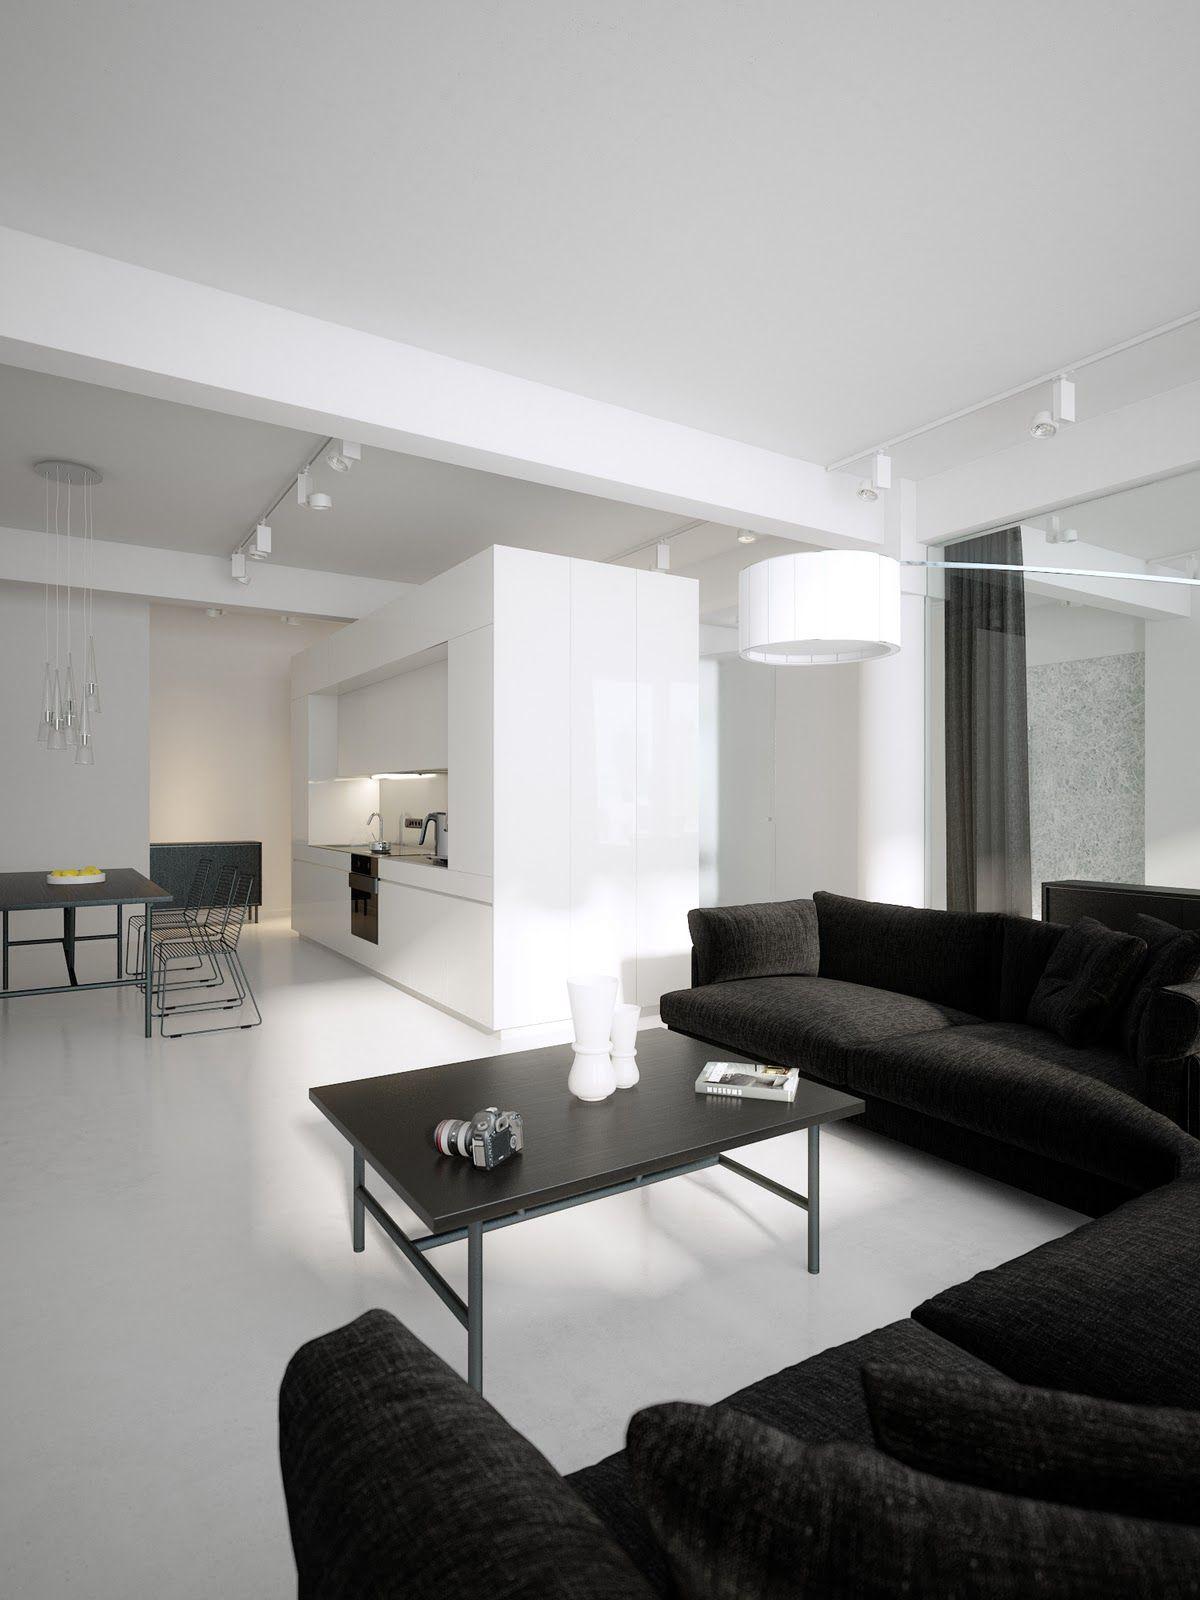 Luxury minimalist loft designs in black and white best